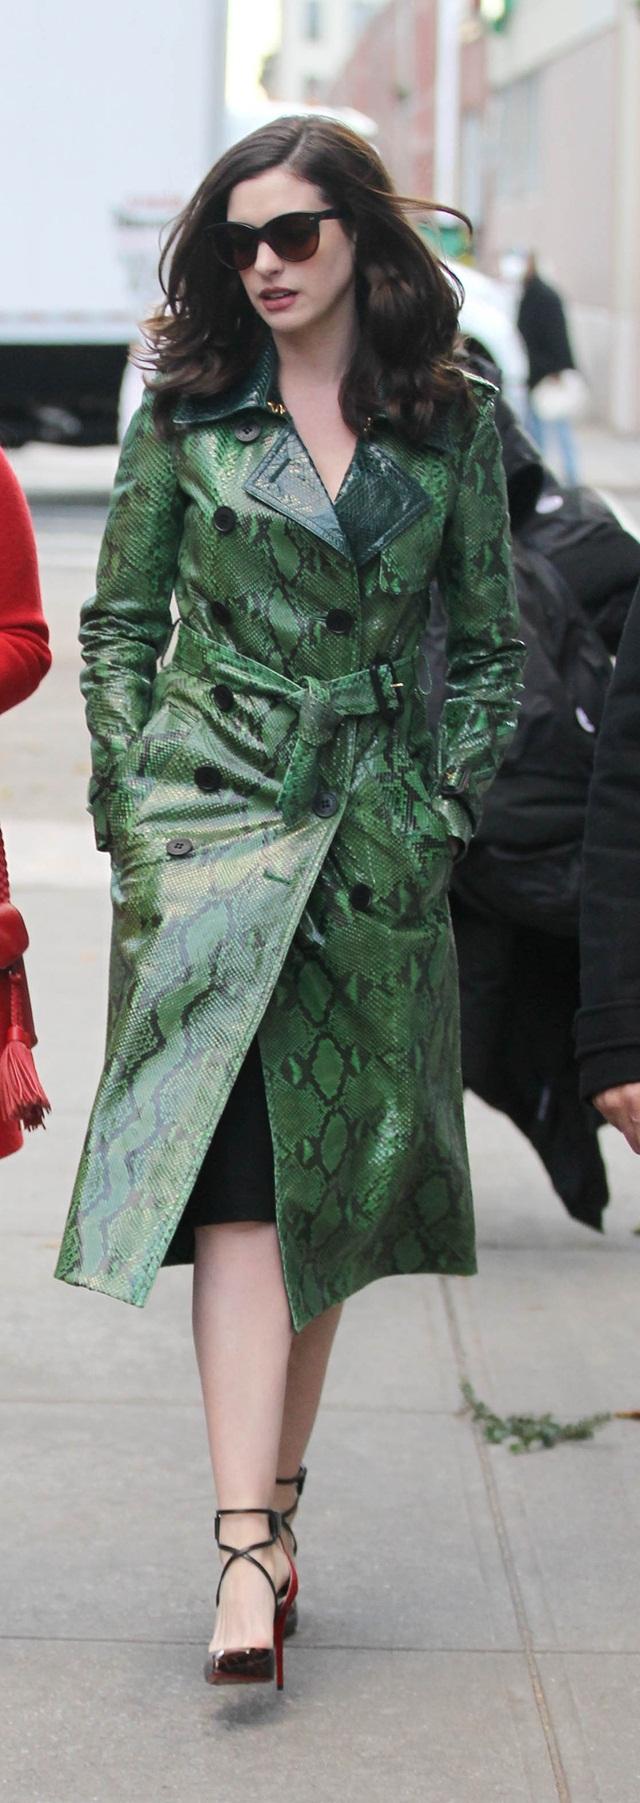 Anne Hathaway paling menarik perhatian dengan kot hijau kulit ularnya.